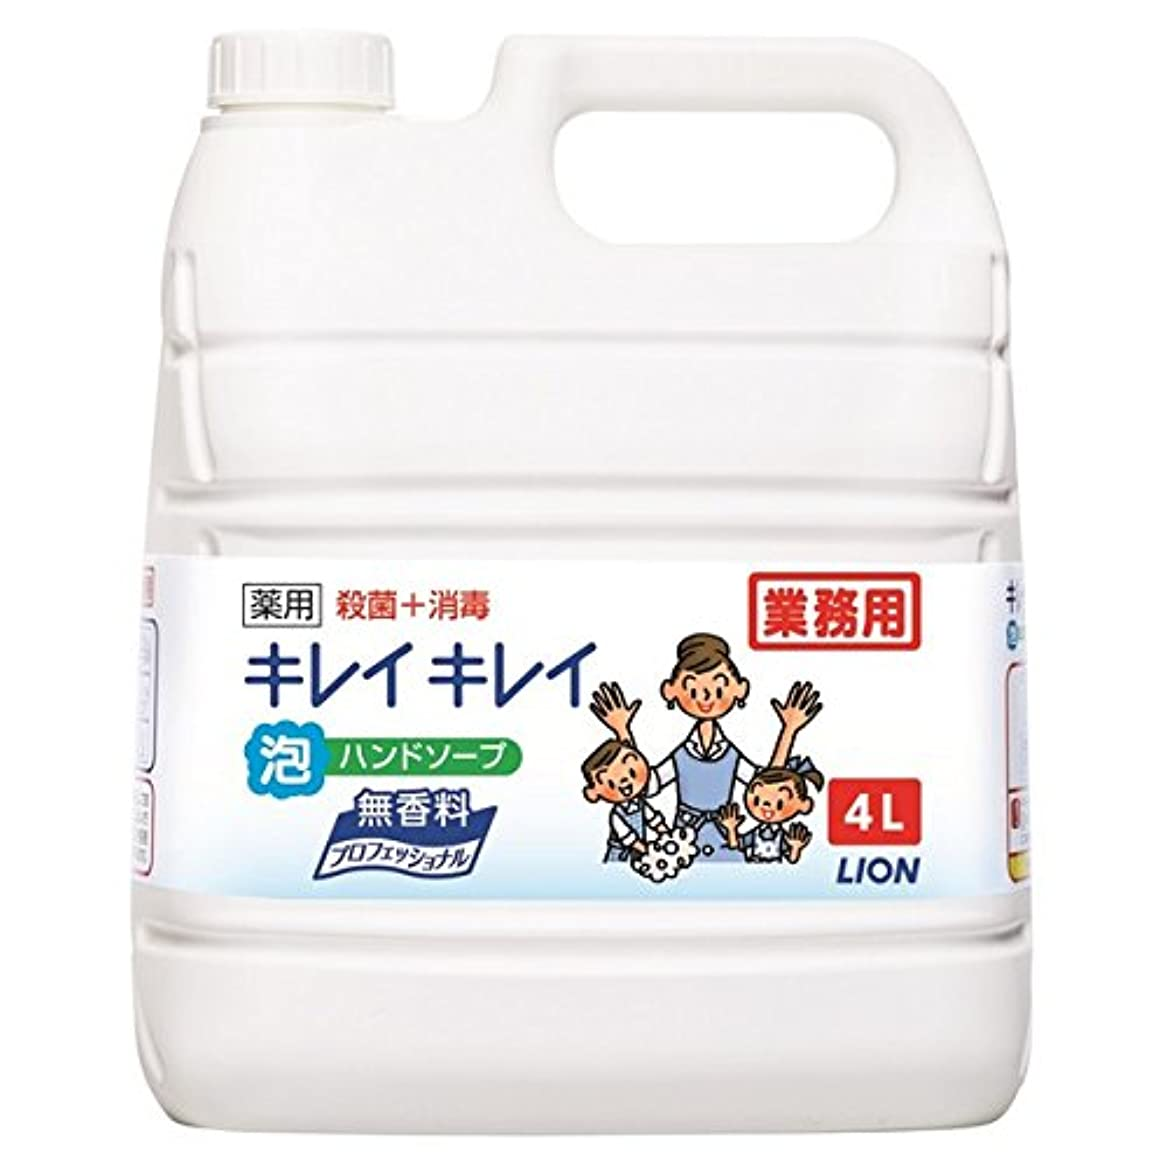 コンピューター一般化するわかりやすいライオン キレイキレイ薬用泡ハンドソープ 無香料 4L×3本入